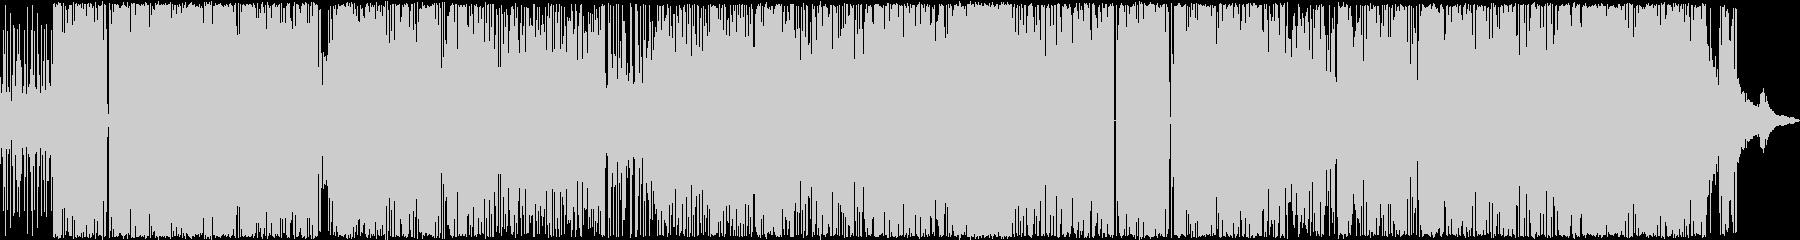 フリーキーなSAXと重たいビートの未再生の波形